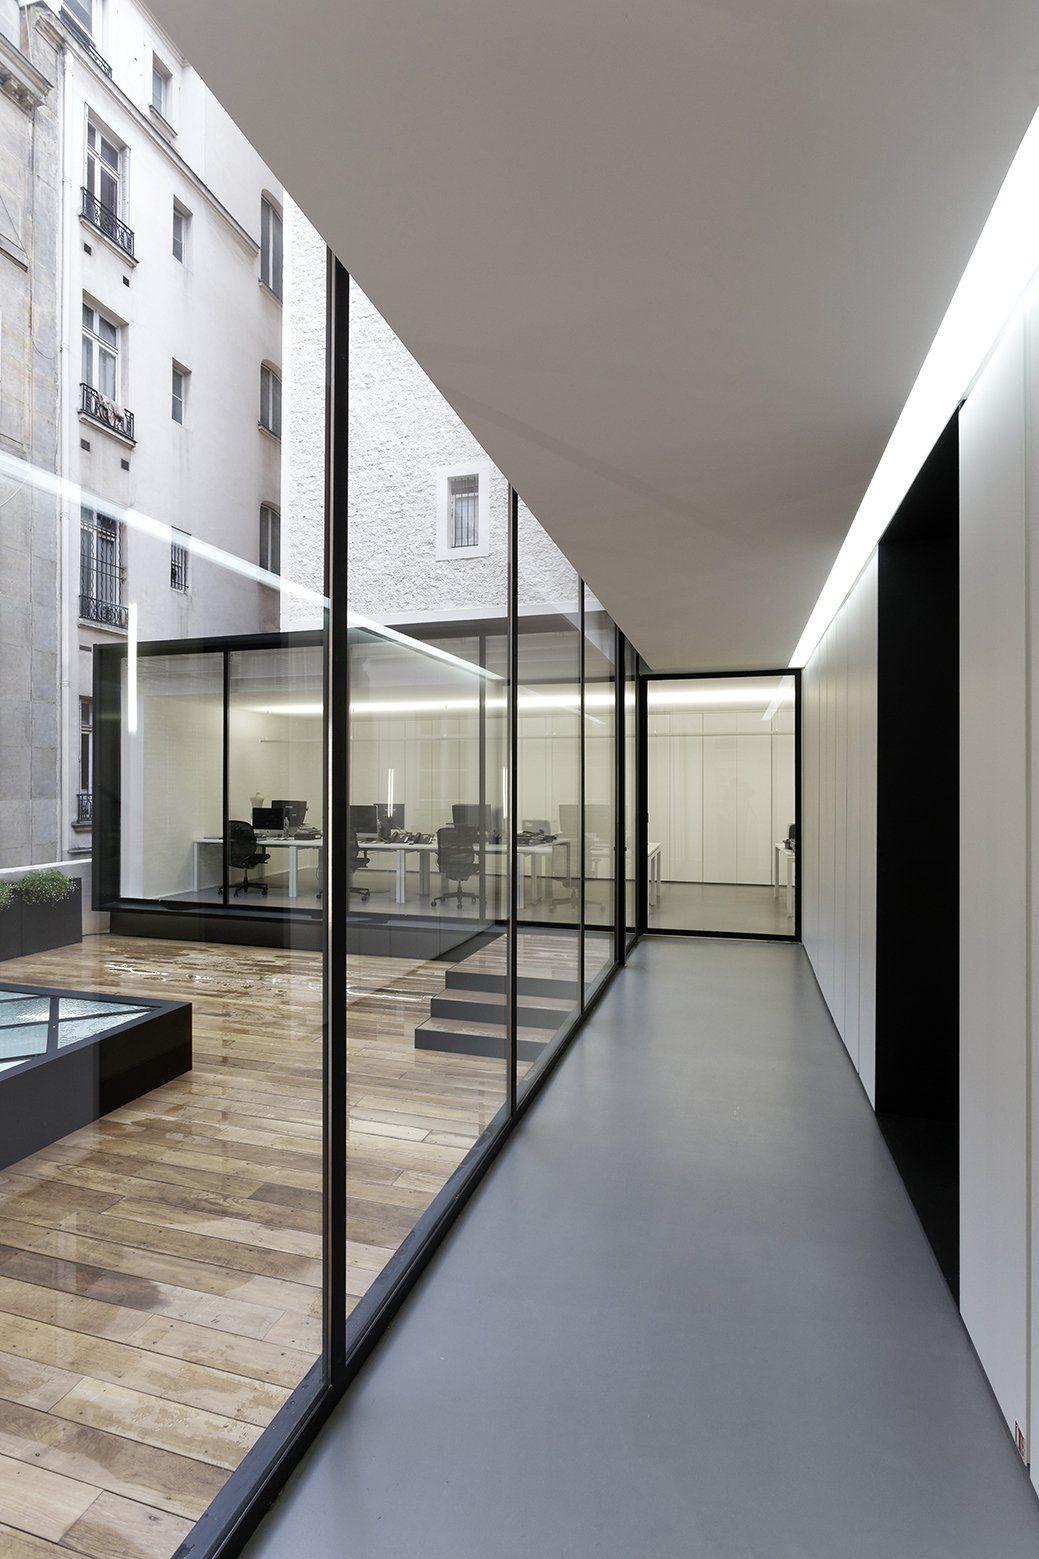 Dior Mens Paris by Antonio Virga Architecte + Dior Men  b056151c235f0